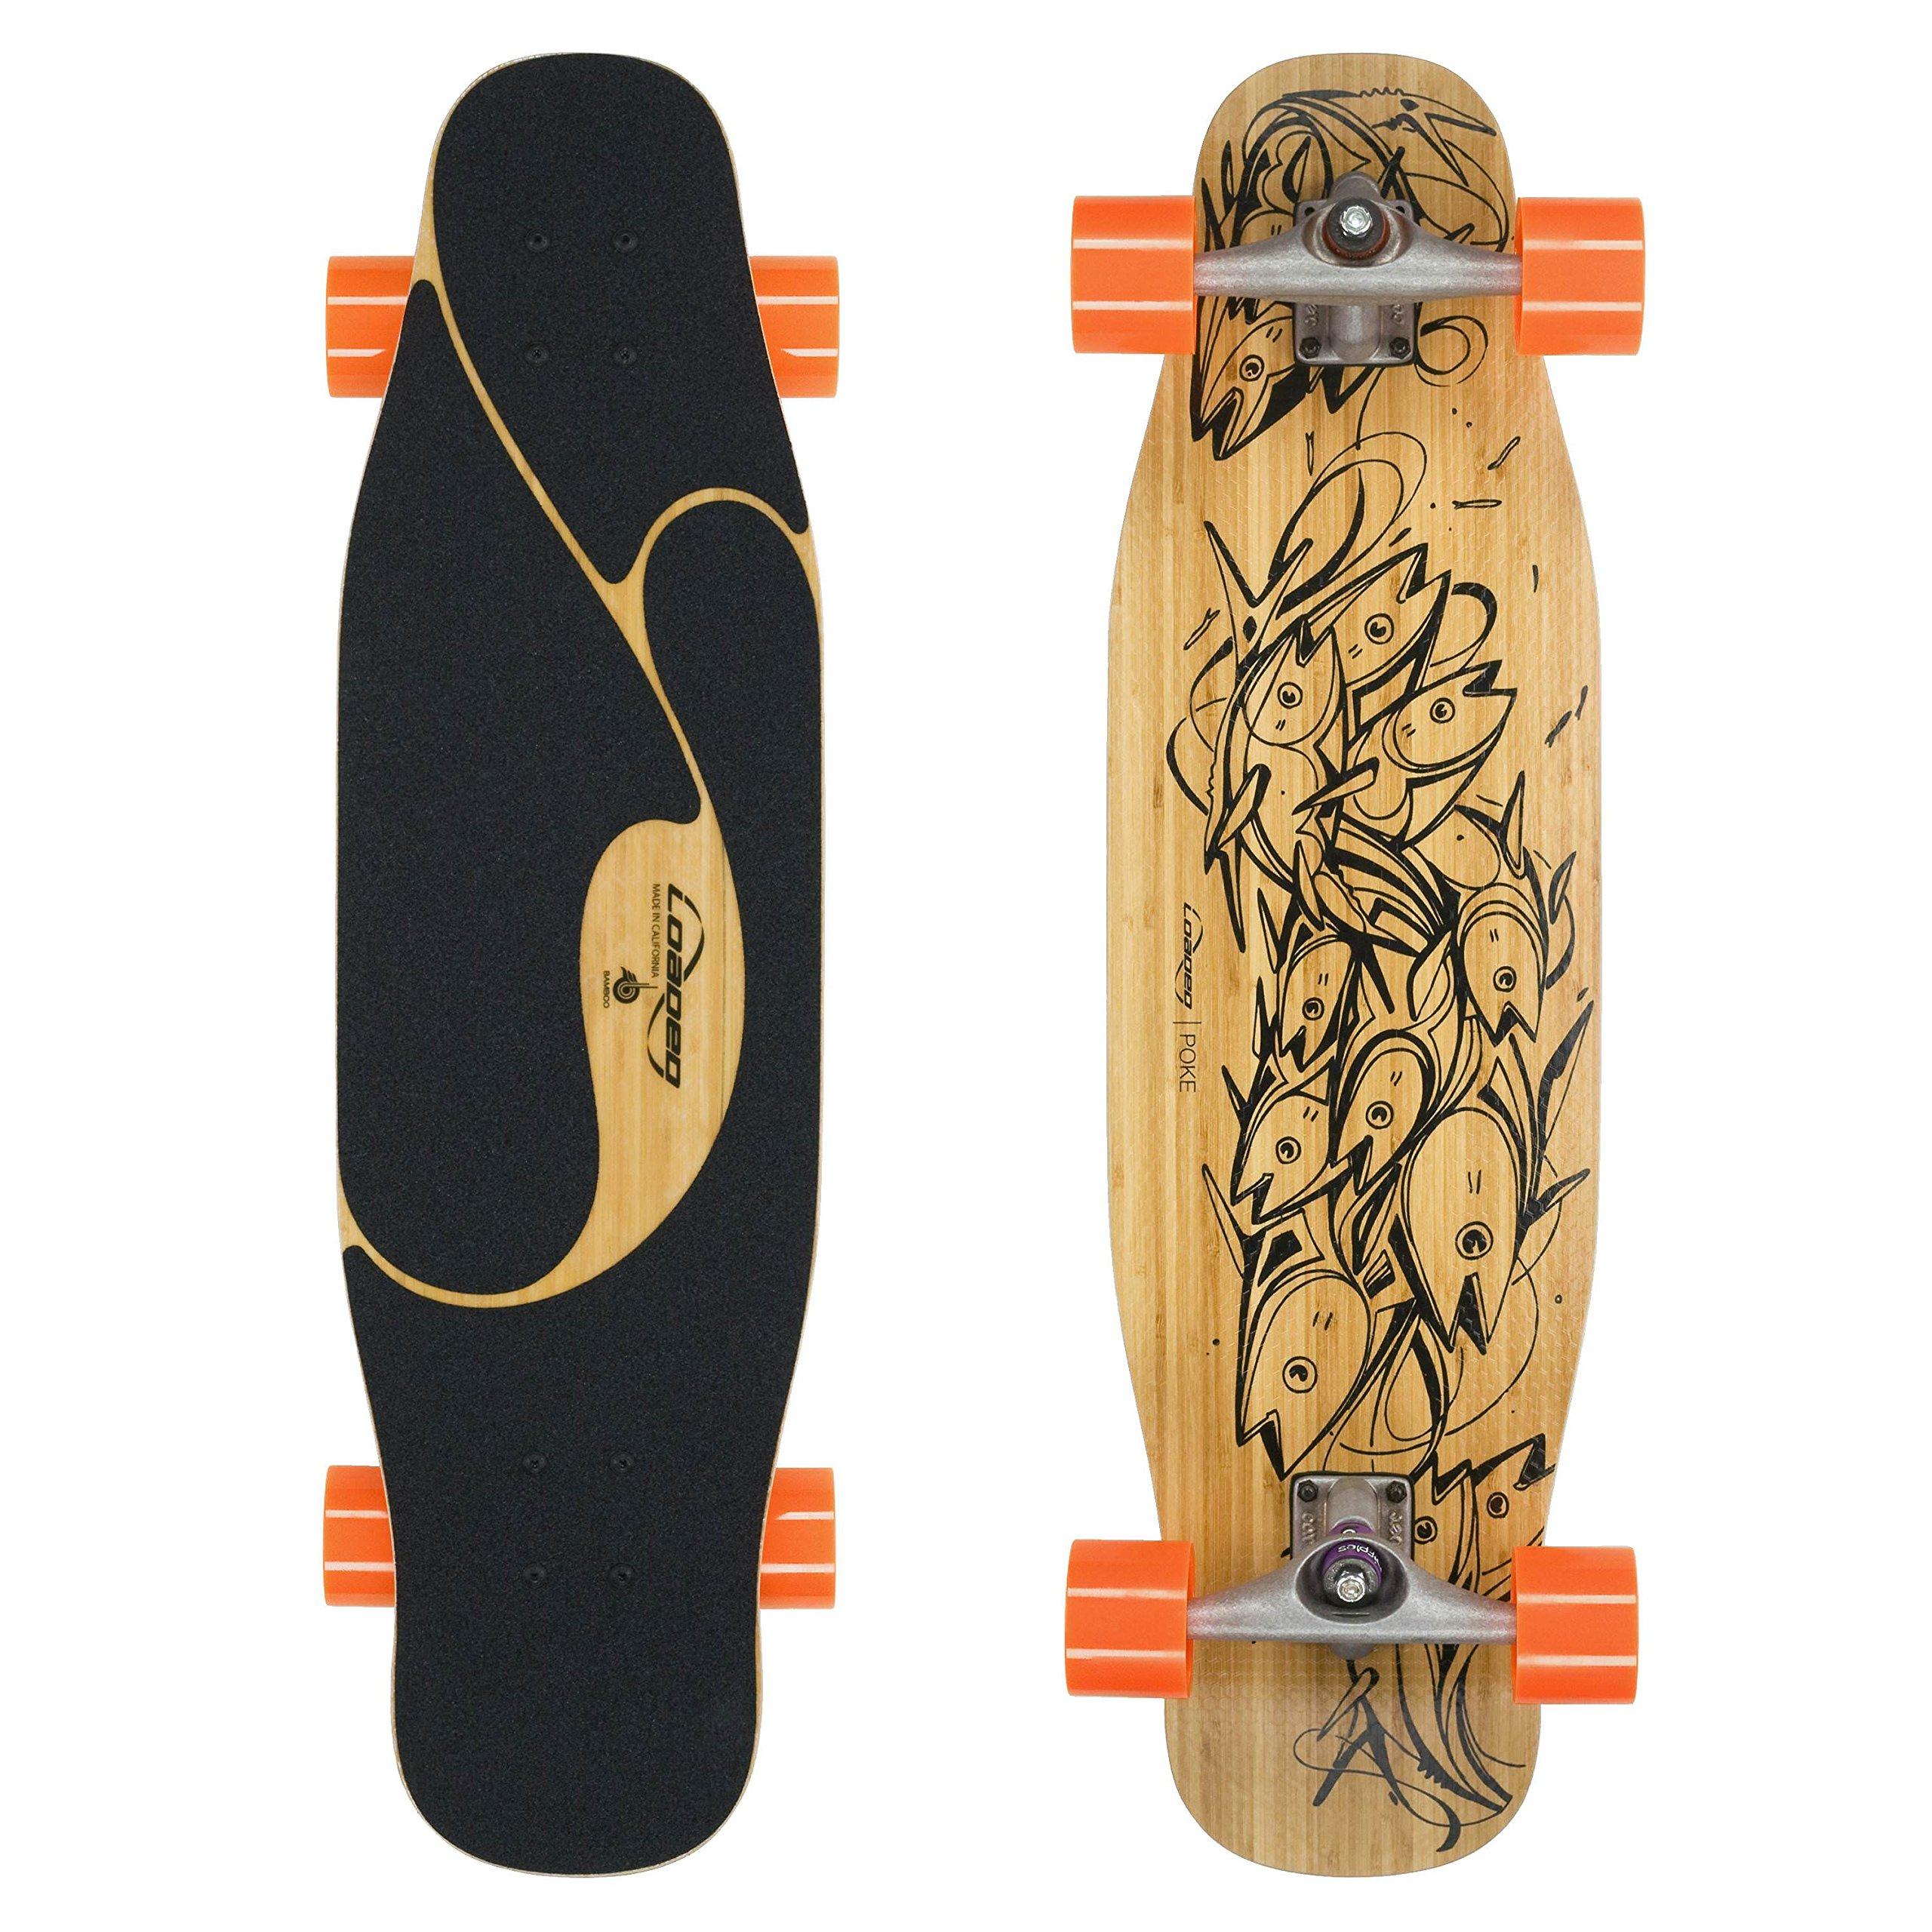 Loaded Boards Poke Bamboo Longboard Skateboard Complete